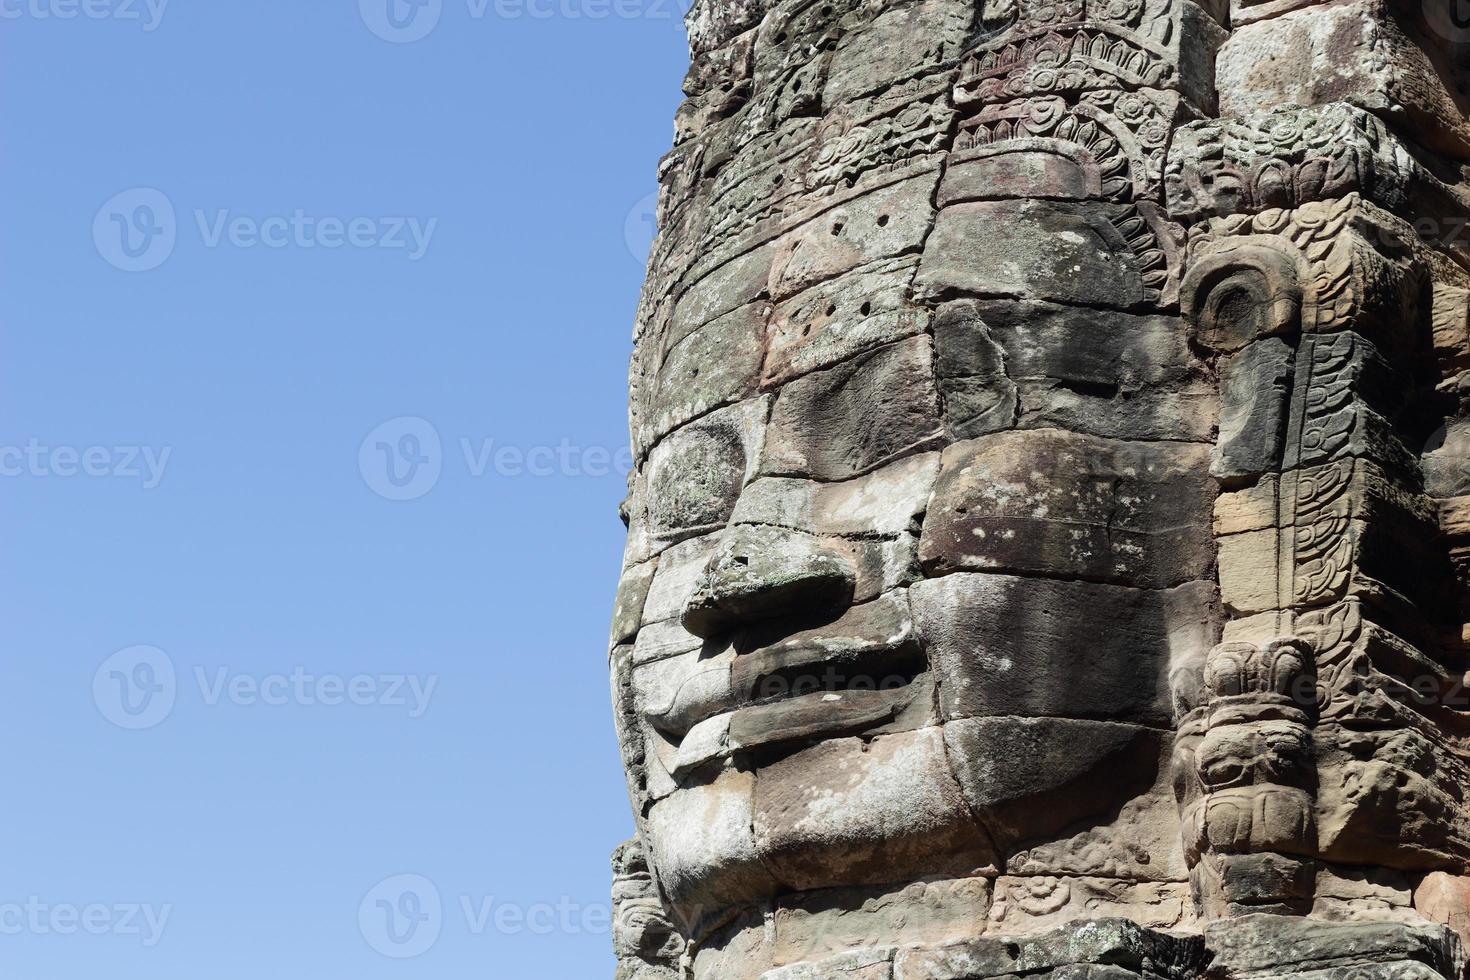 das Gesicht von König Jayavarman VII im Bajon-Tempel foto